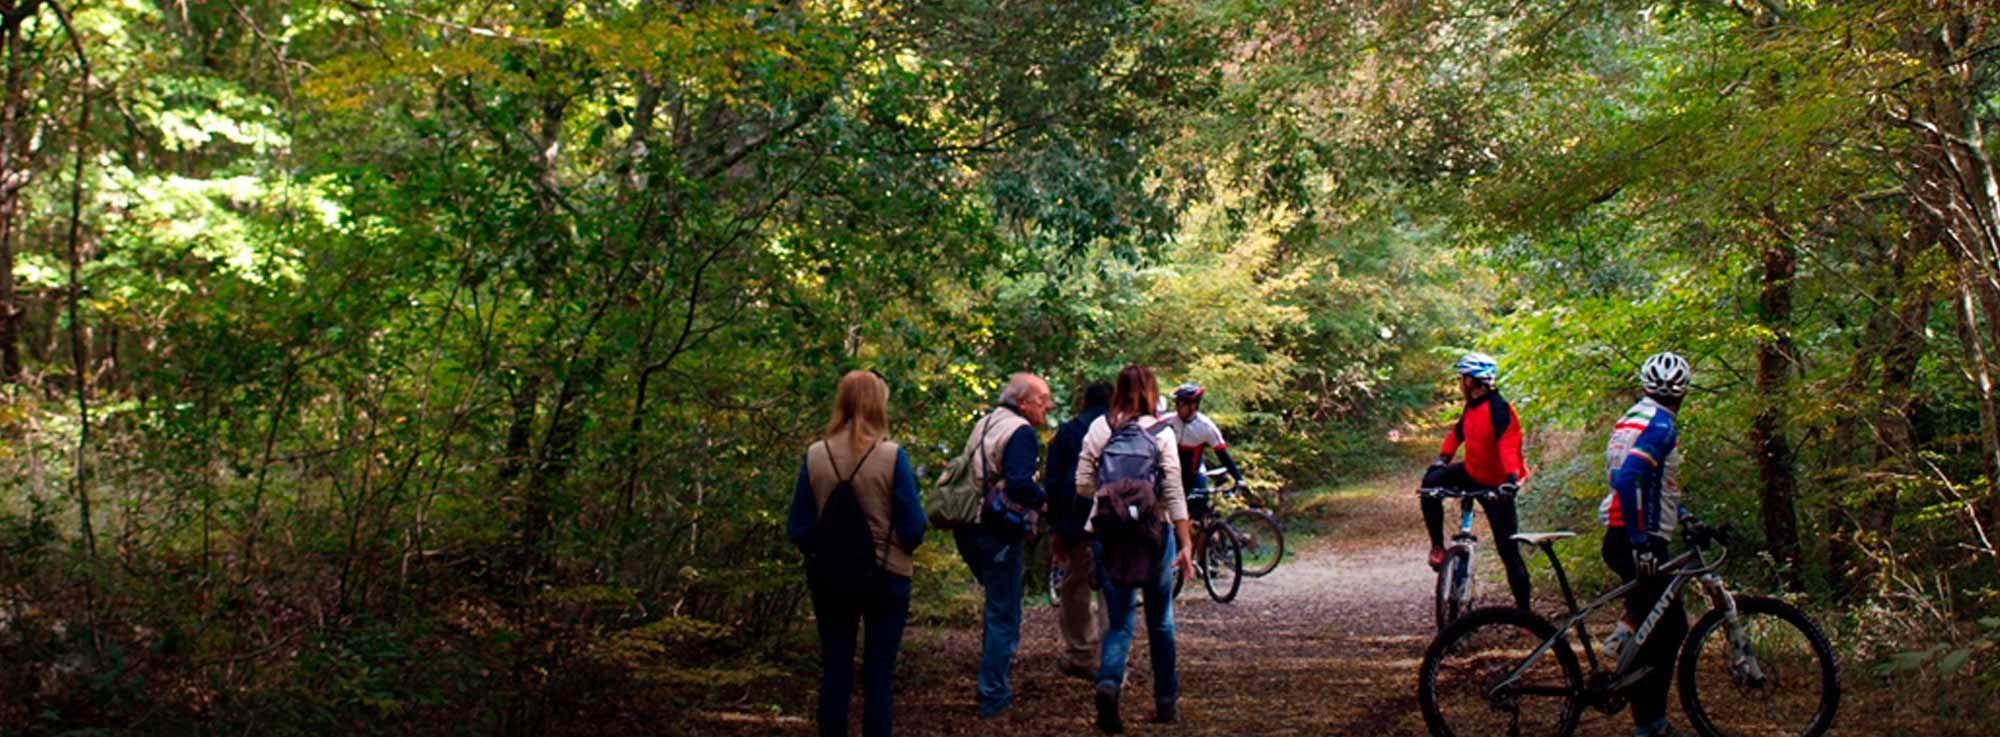 Martina Franca: Da Martina Franca escursione nel Bosco delle Pianelle